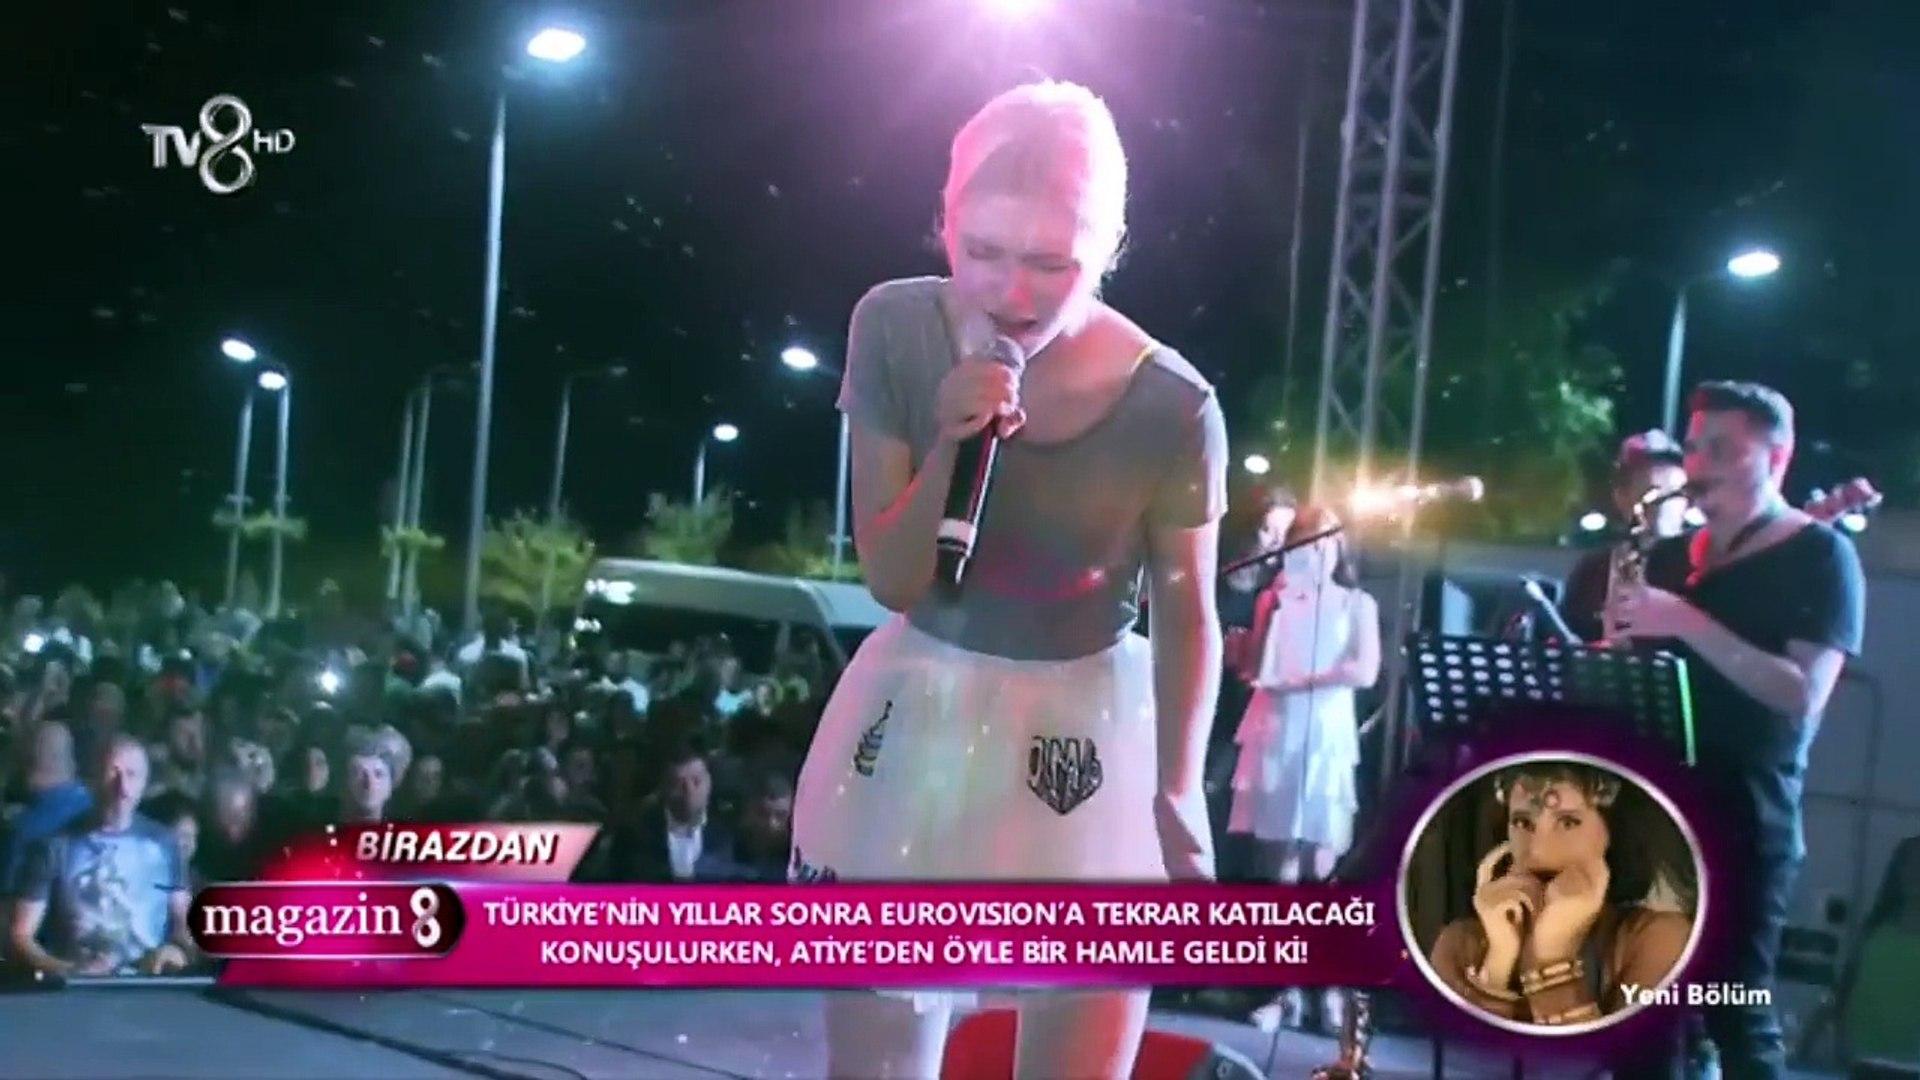 Aleyna Tilki, Hande Yenere Cevap Verdi: Kendimi Rezil Etmem, Kedi Ciğer gibi Dalaşmam